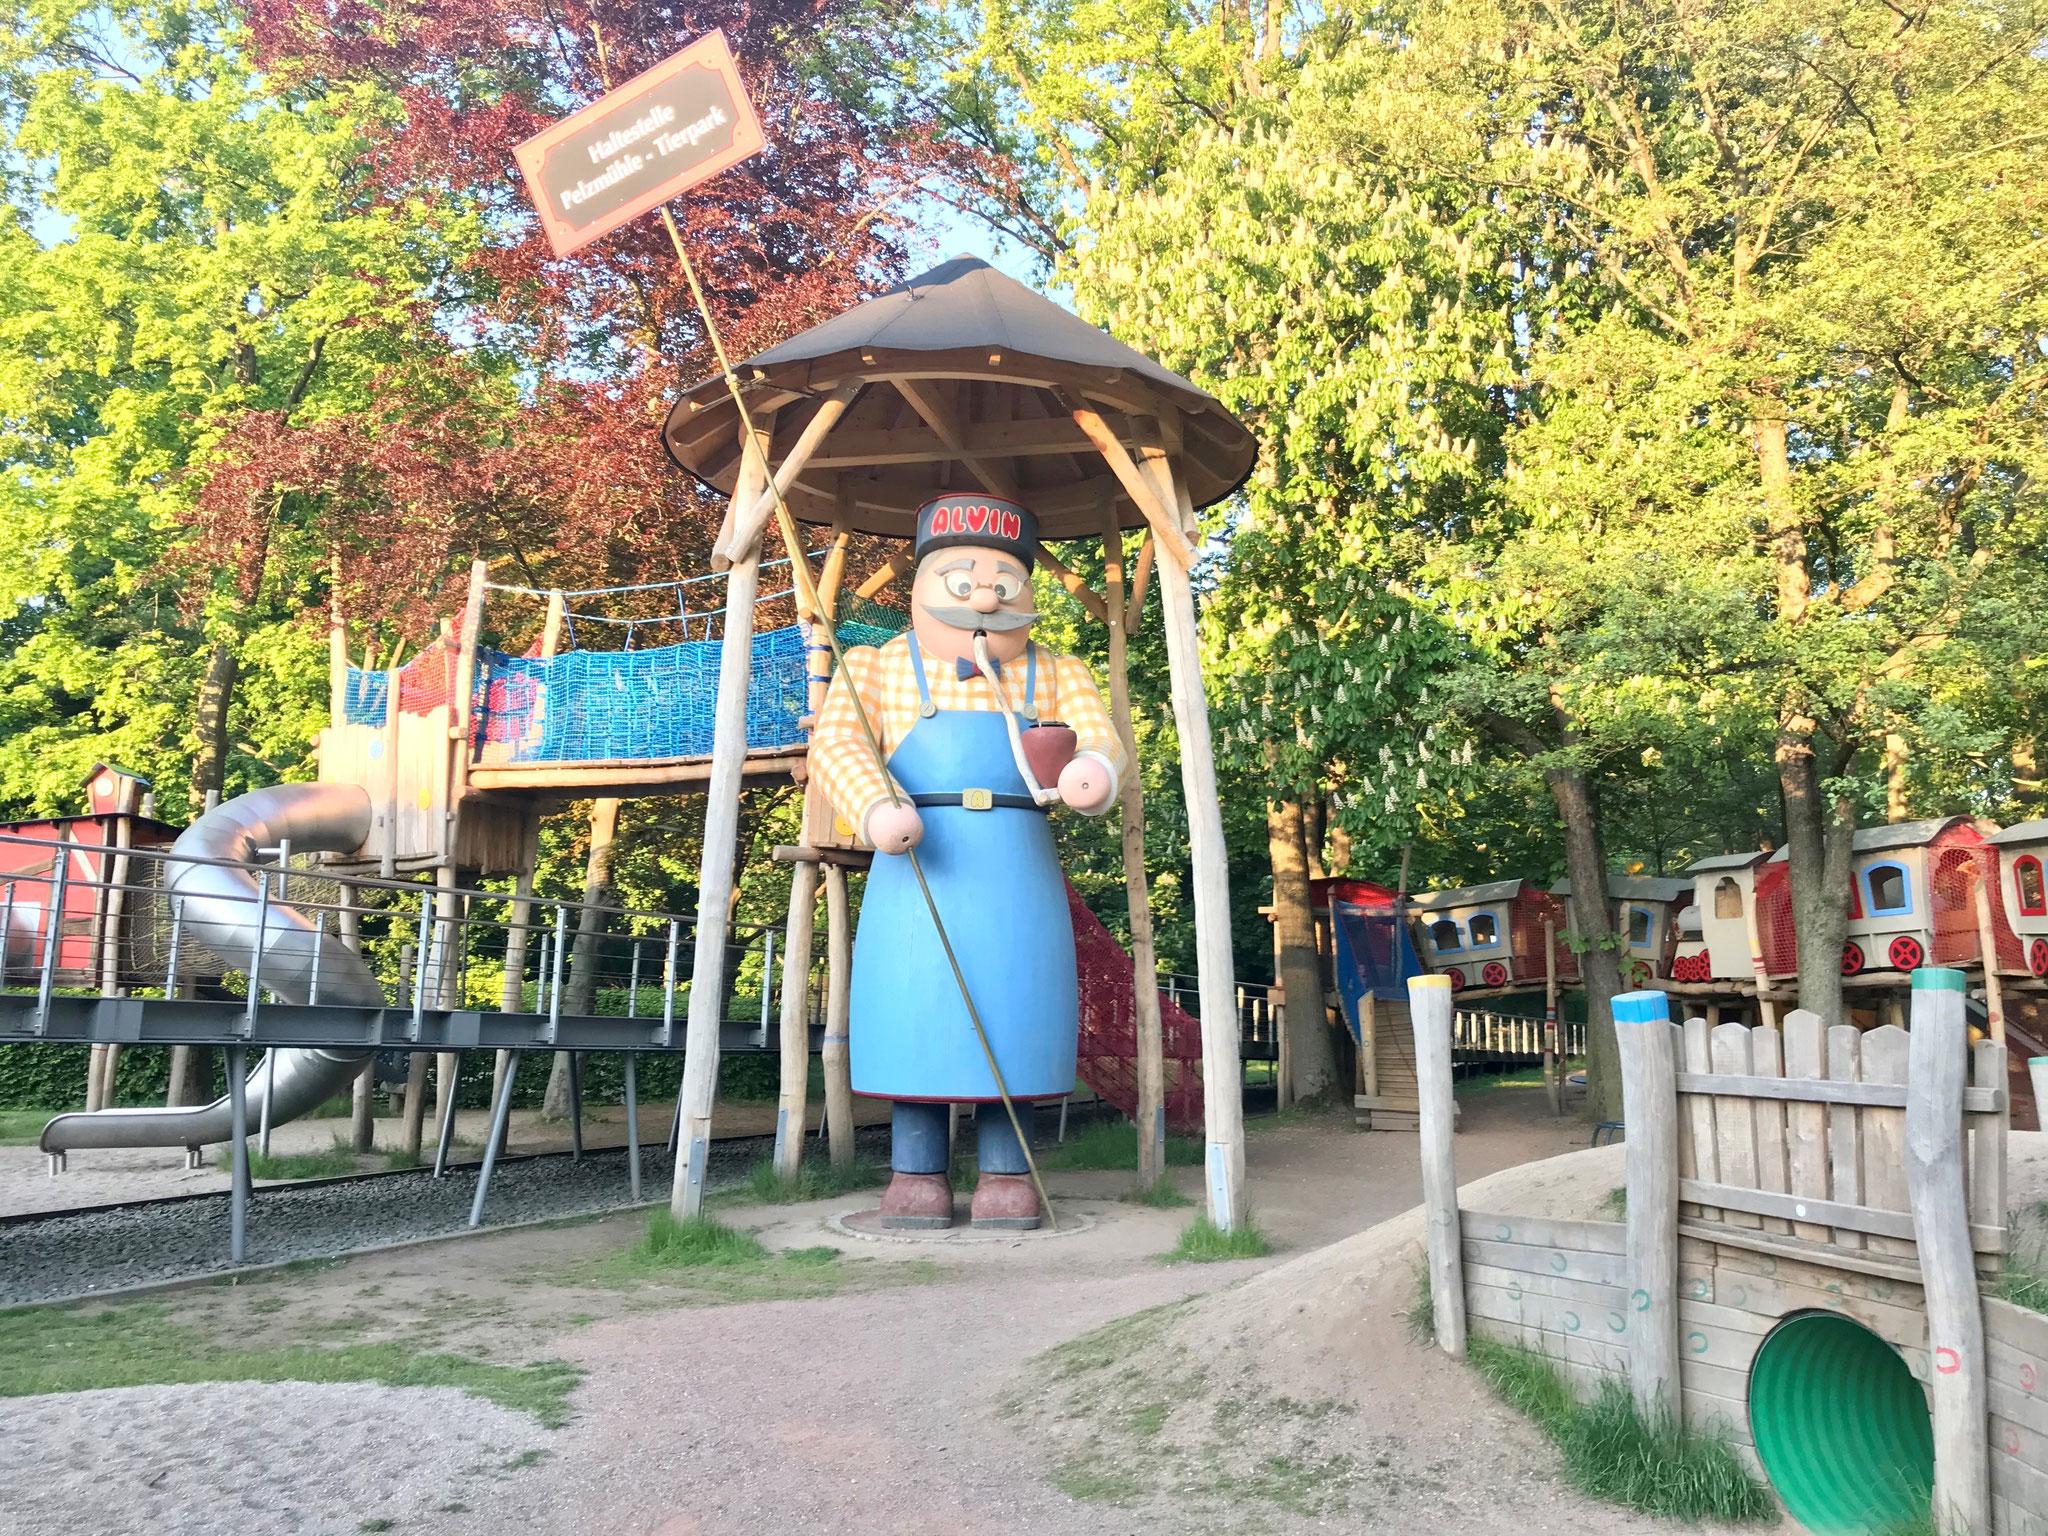 Alvin - der vielleicht größte Räuchermann der Welt